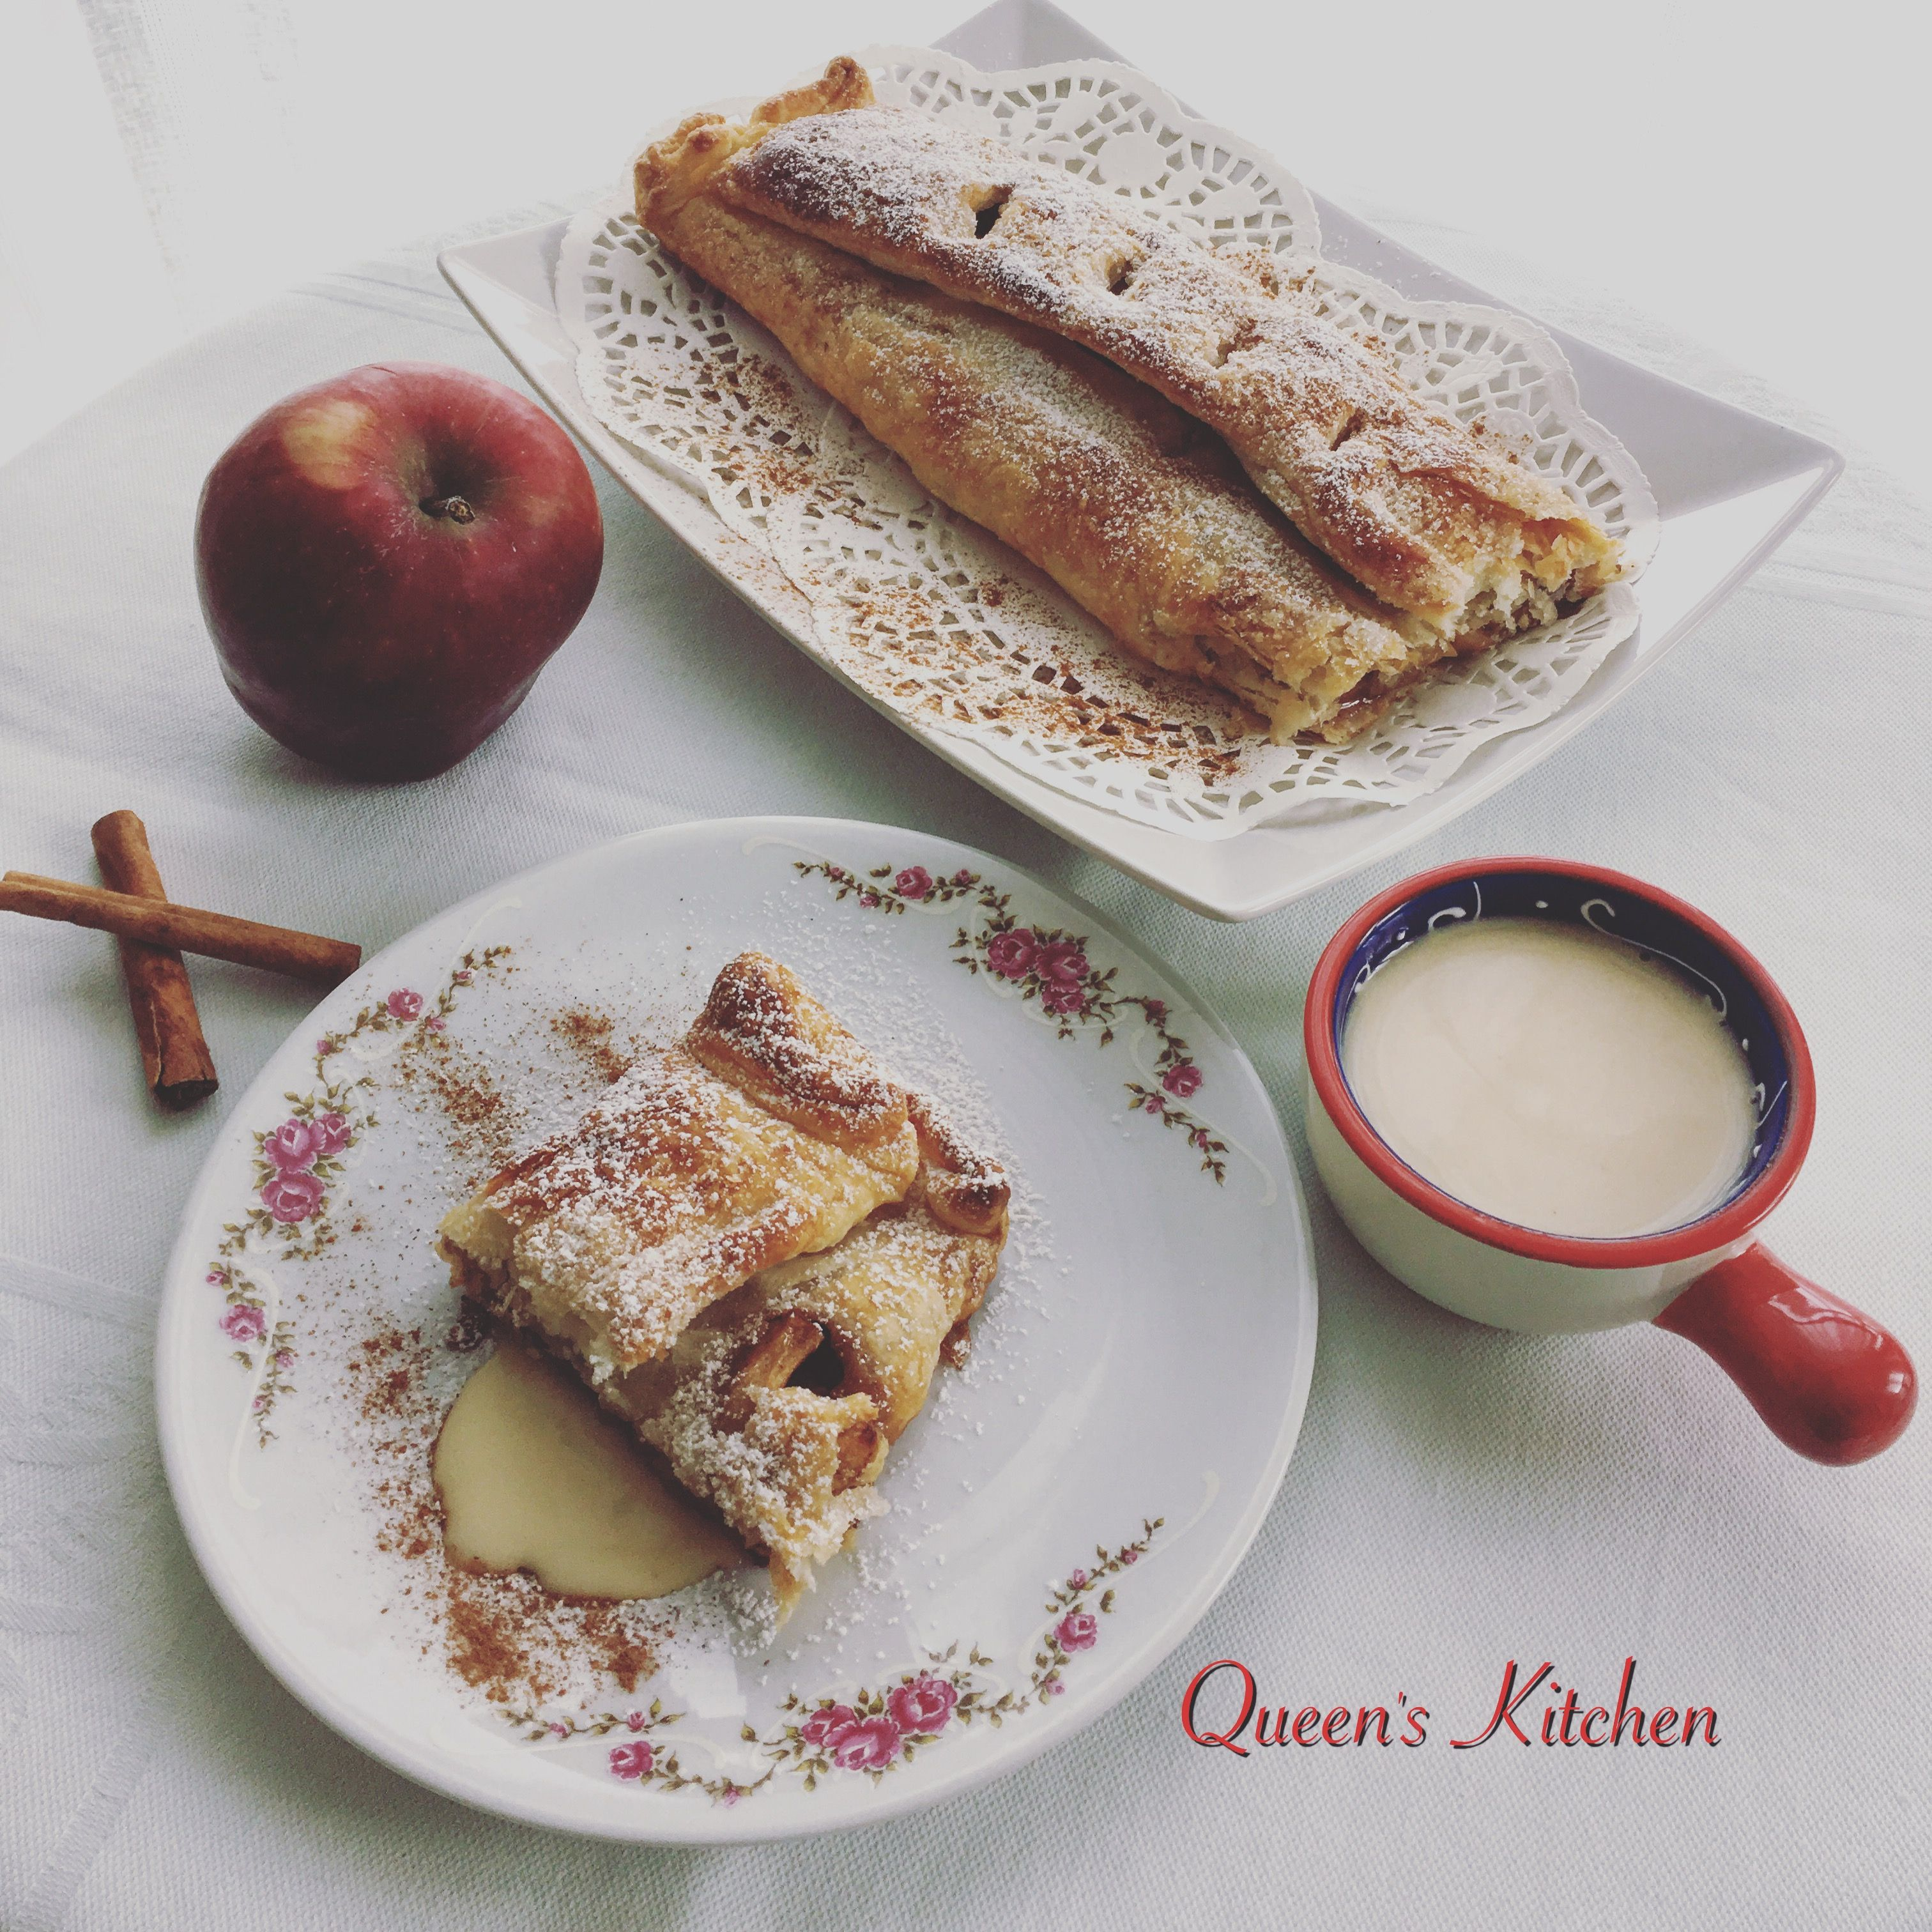 #buongiorno 😊 iniziamo la settimana con la sfoglia alle mele🍎 {Tagliate 2 mele a dadini, cuocetele in padella con 1 cucchiaio di burro, 1 cucchiaio di zucchero di canna, uvetta, pinoli e cannella finché saranno morbide, farcite un rotolo di pasta sfoglia, spennellate con acqua e zucchero e cuocete in forno a 180º per 30 minuti.} www.queenskitchen.it #queensbreakfast